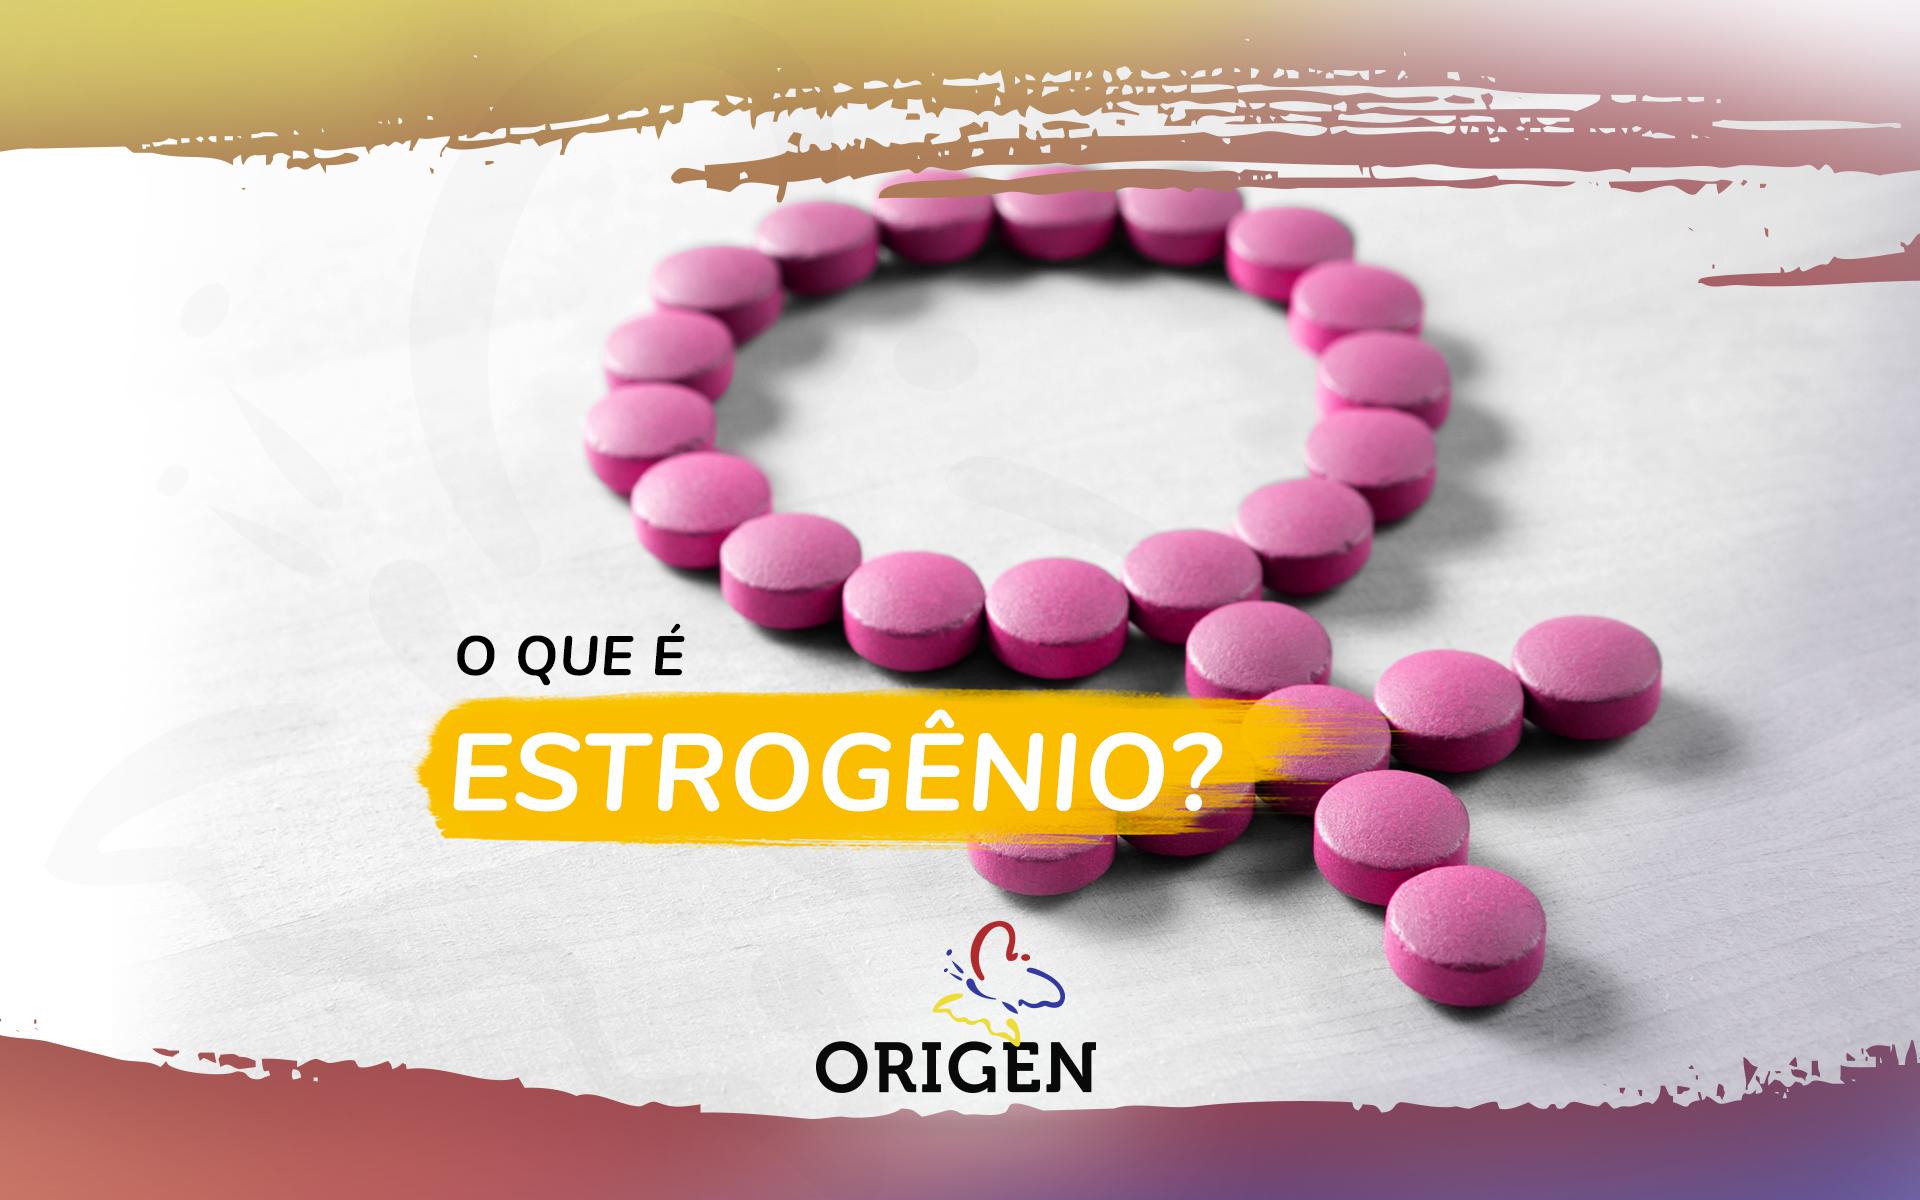 O que é estrogênio?